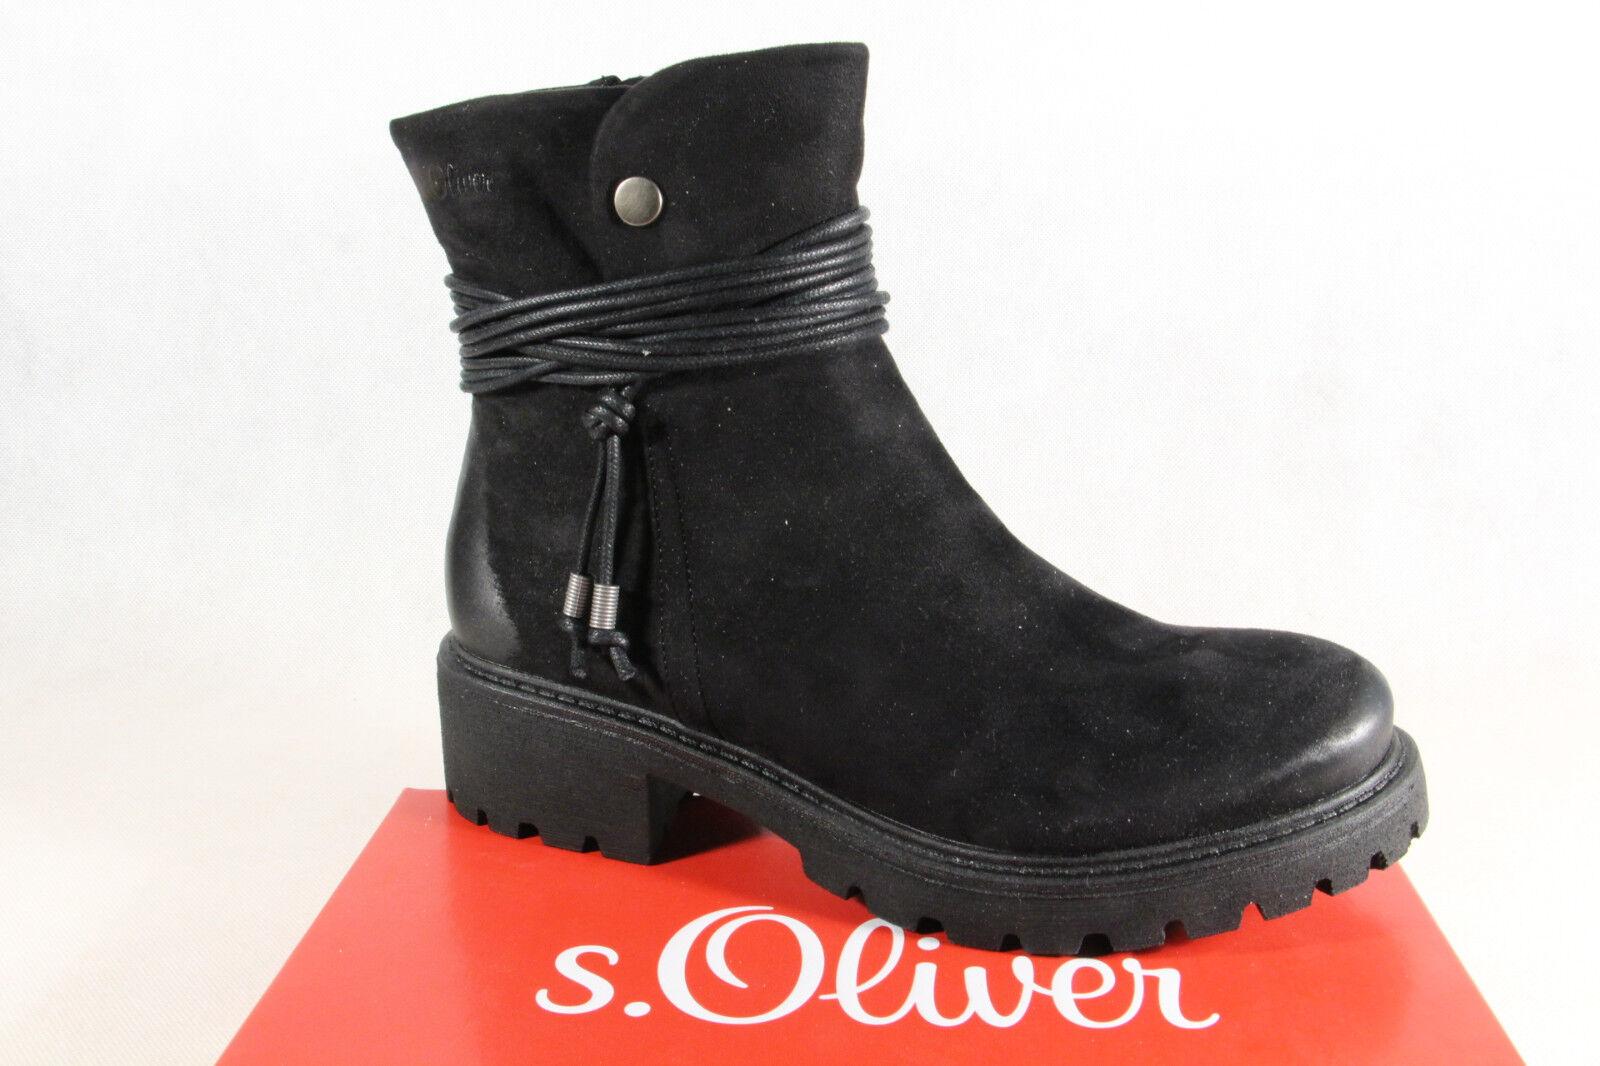 S.Oliver Damen Stiefel Stiefeletten Winterstiefel Boots schwarz 26412   NEU!